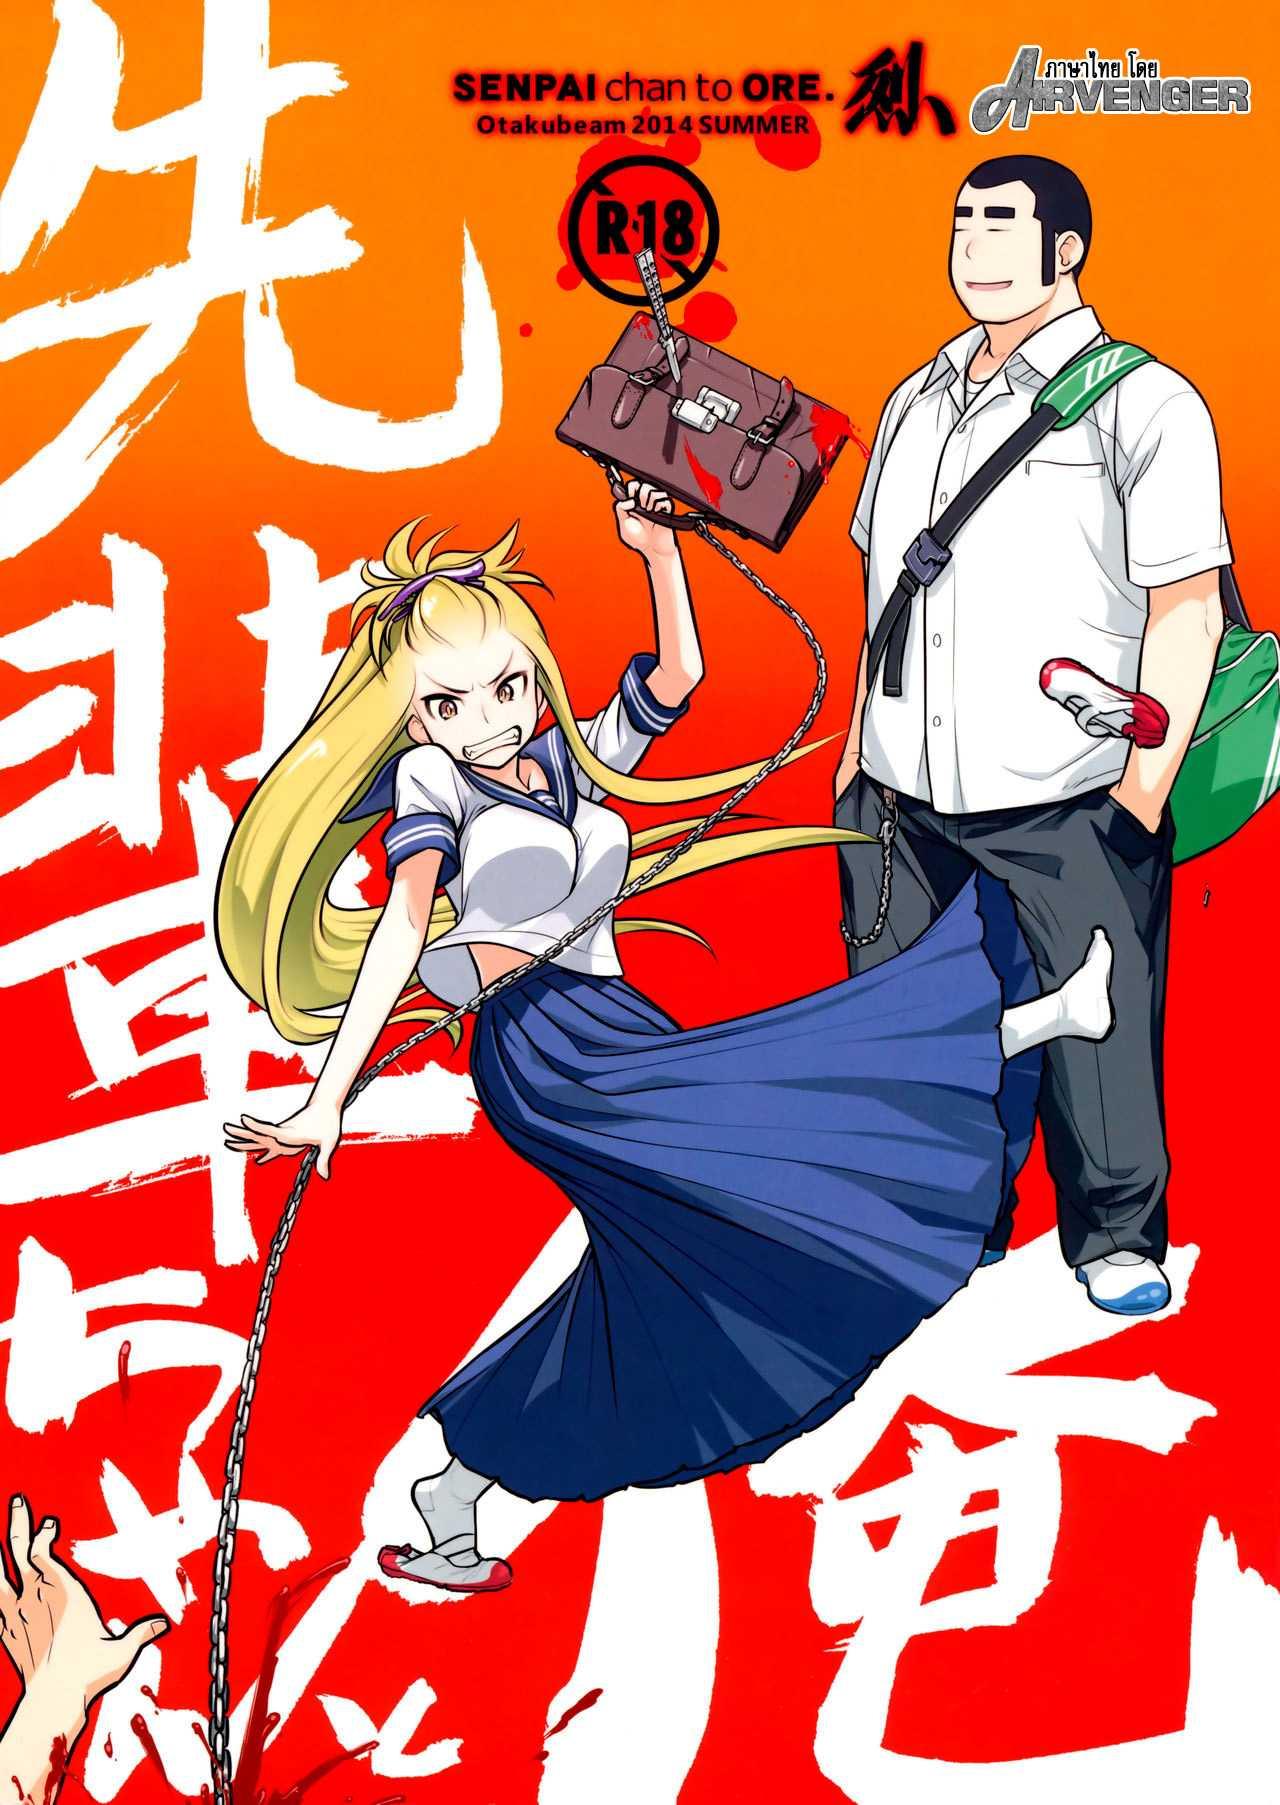 c85-otaku-beam-ootsuka-mahiro-senpai-chan-to-ore